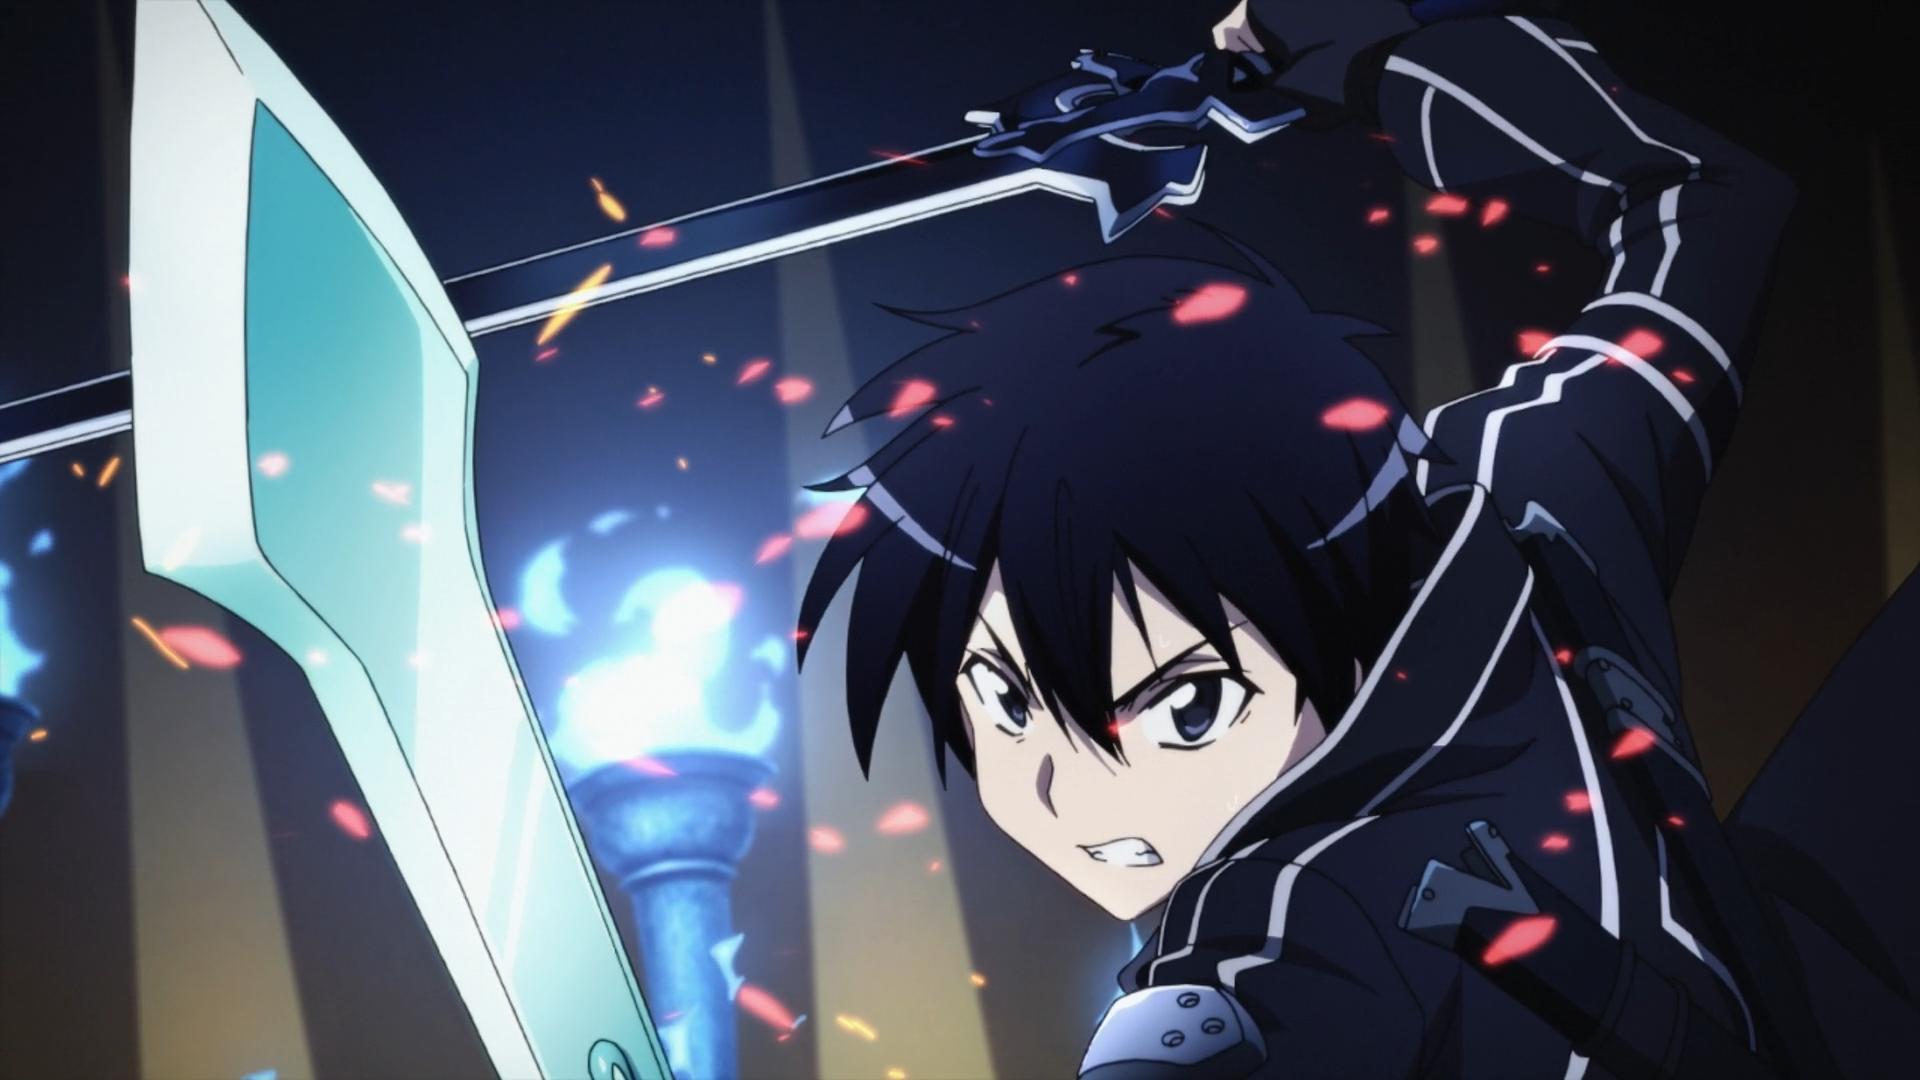 Image result for sword art online fight scene